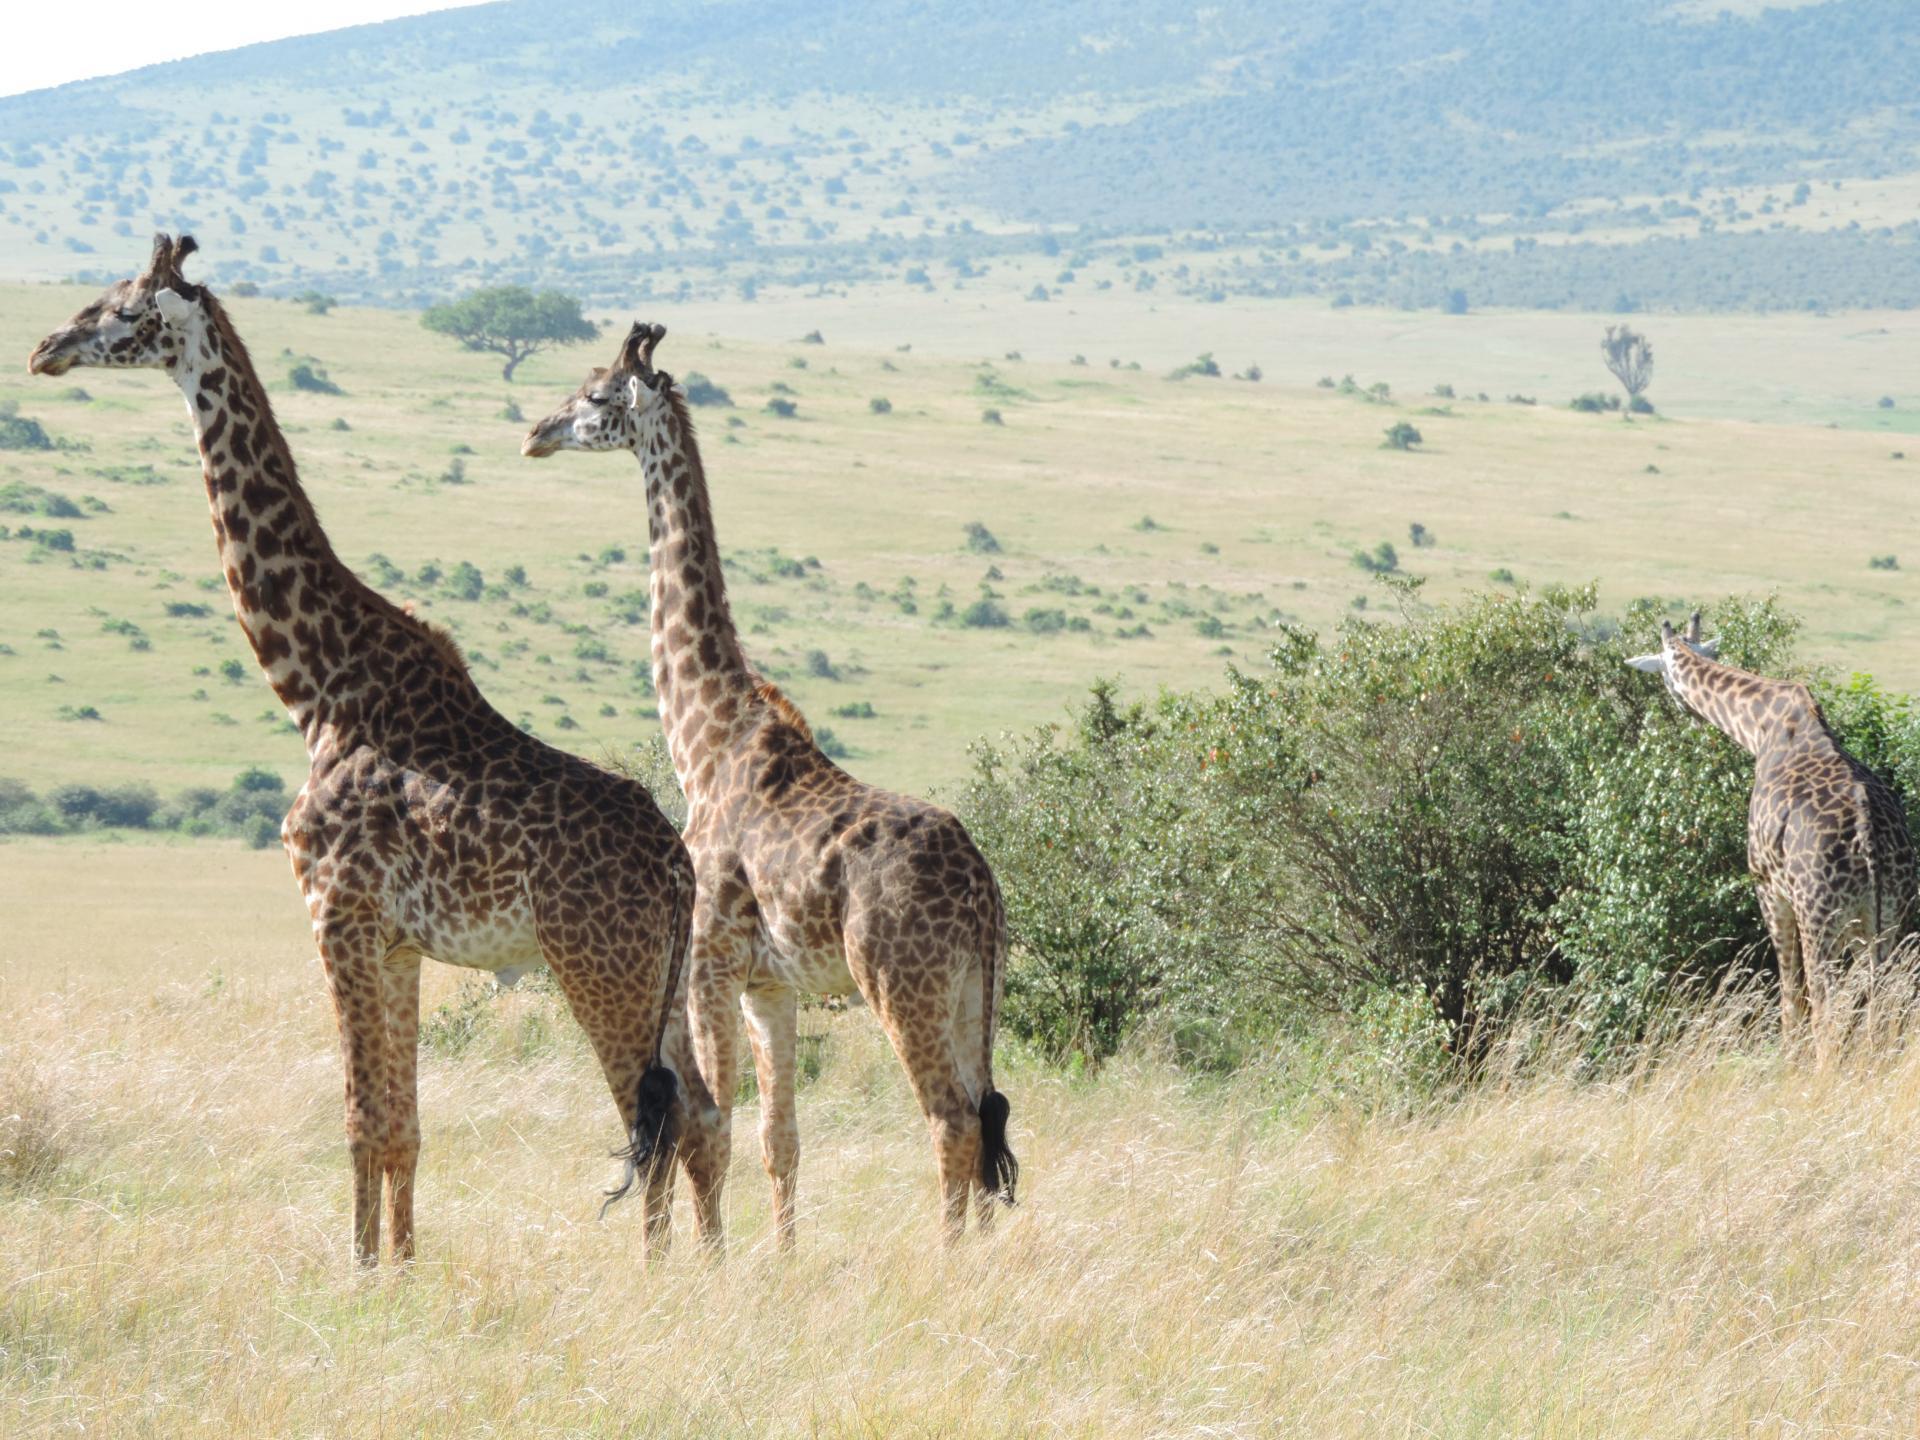 Kenya Adventure Safaris-Giraffes